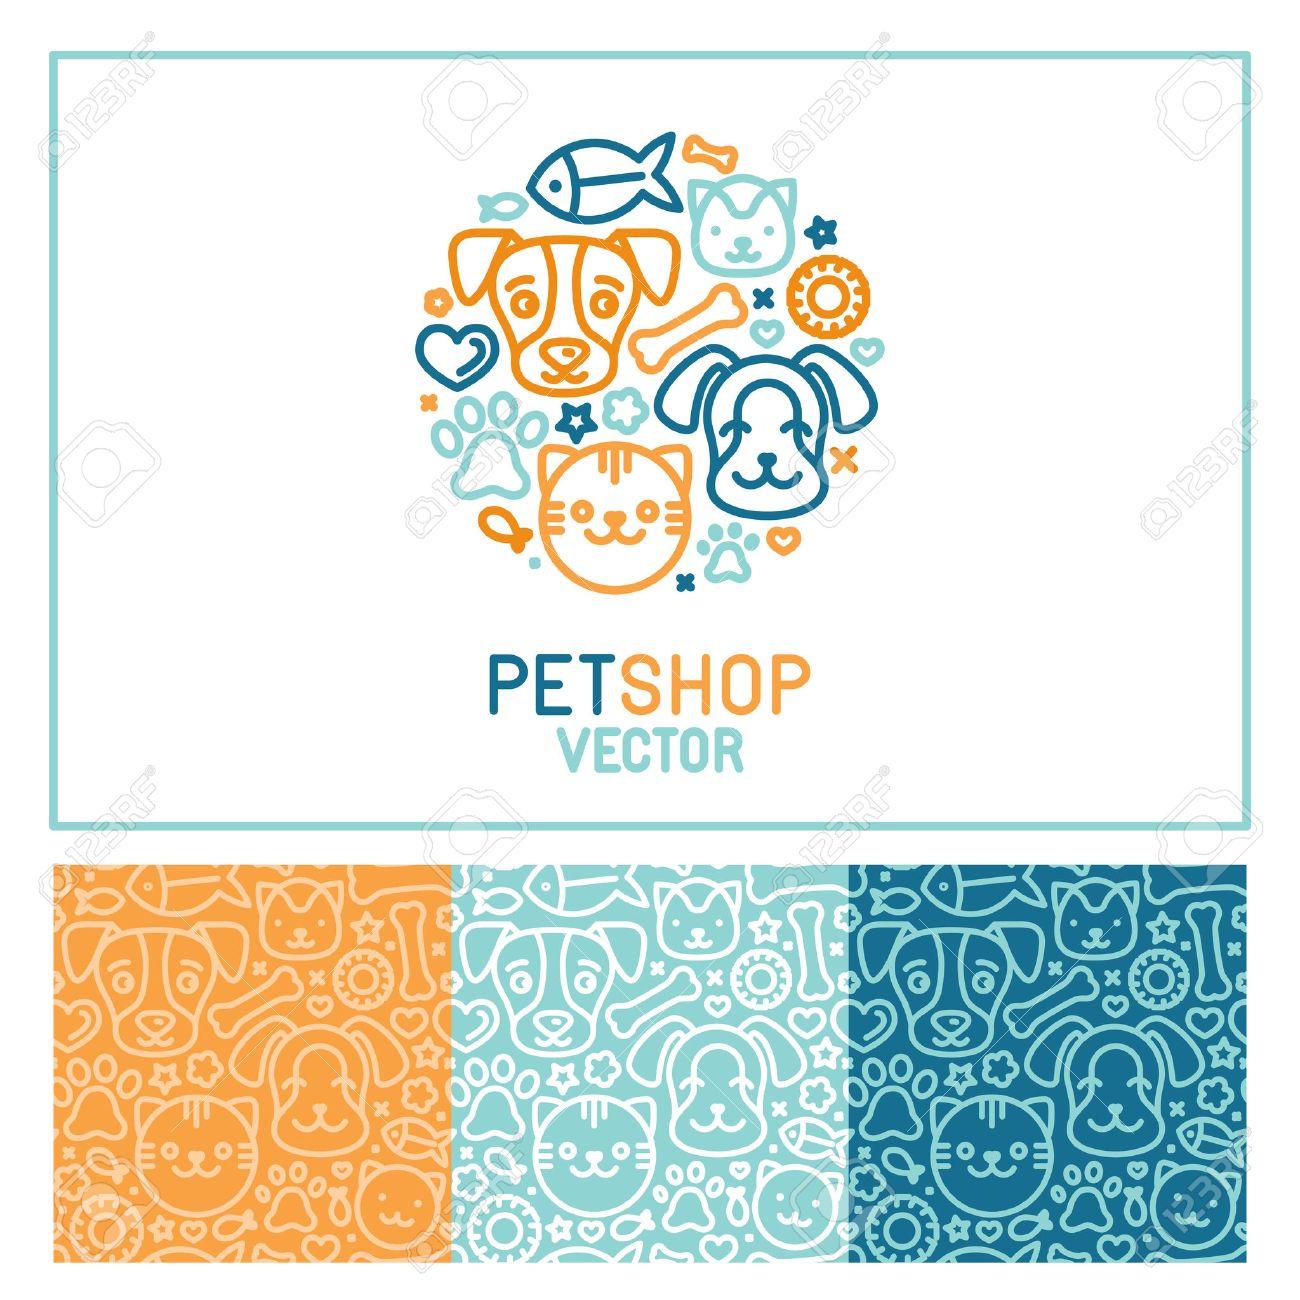 Logo Vector Plantilla De Diseño Para Tiendas De Animales, Clínicas ...